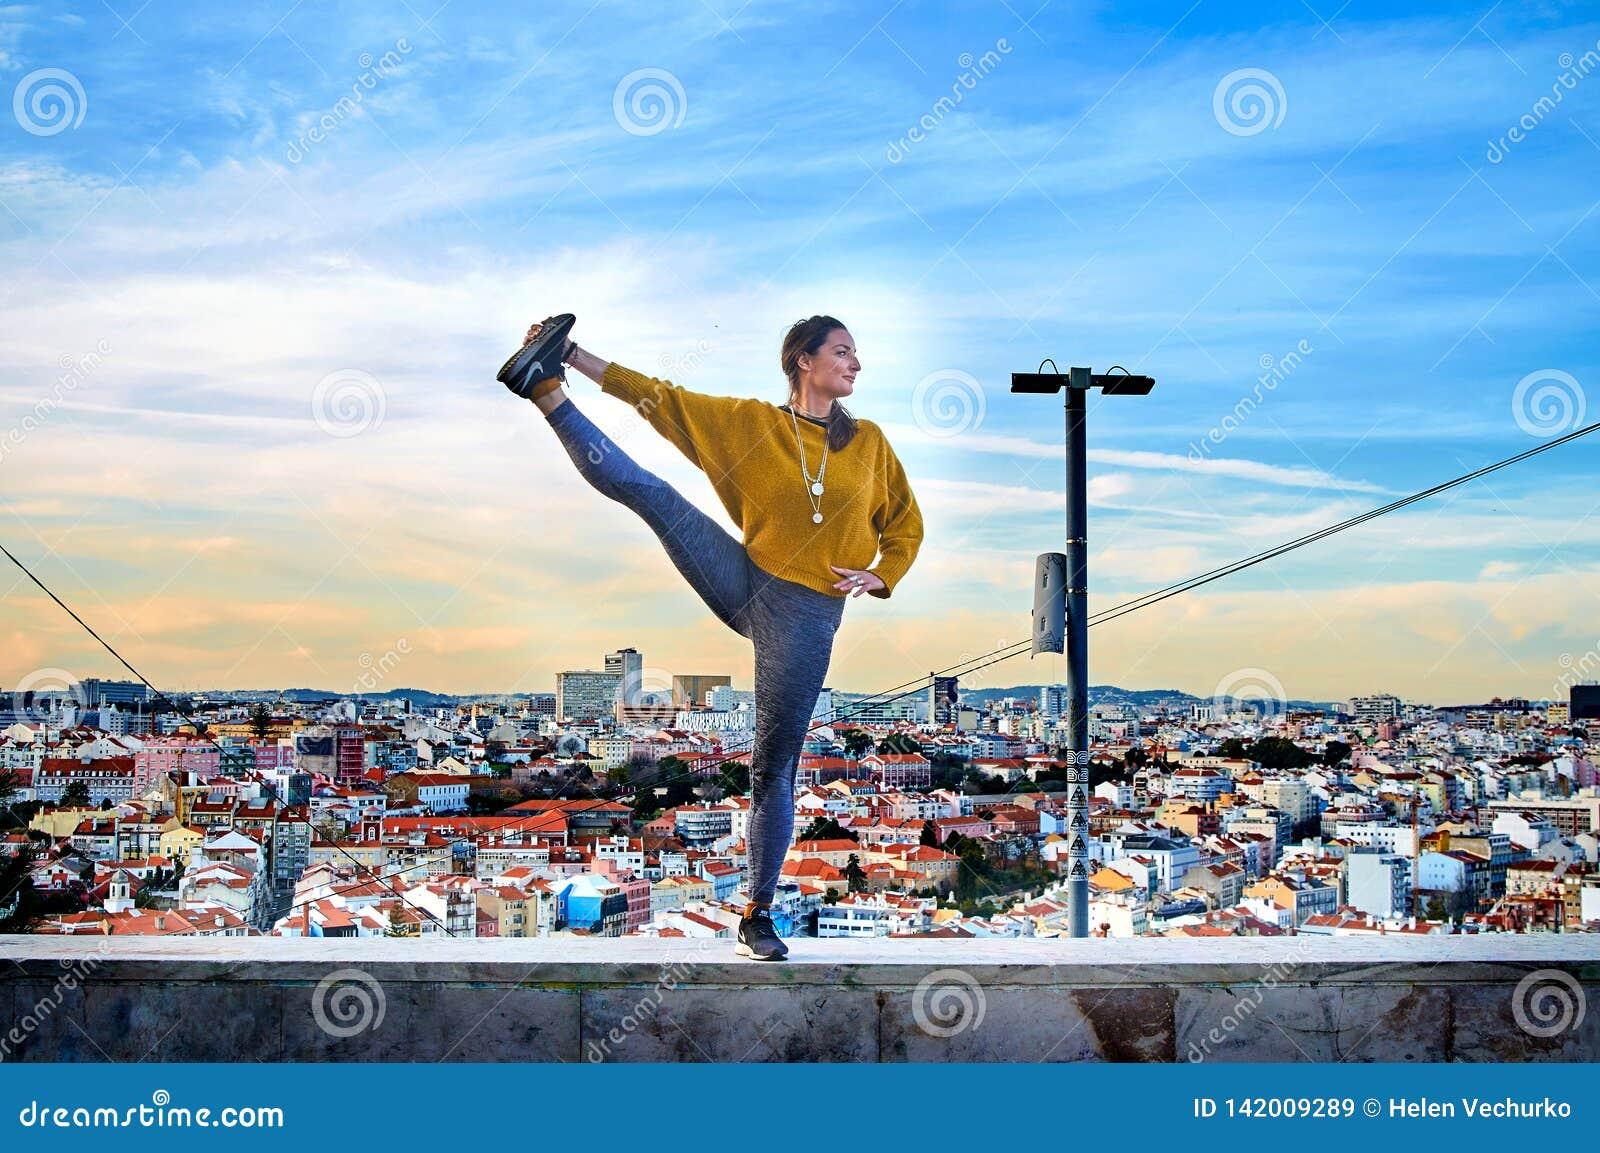 做瑜伽锻炼的年轻女人户外在里斯本市视图背景